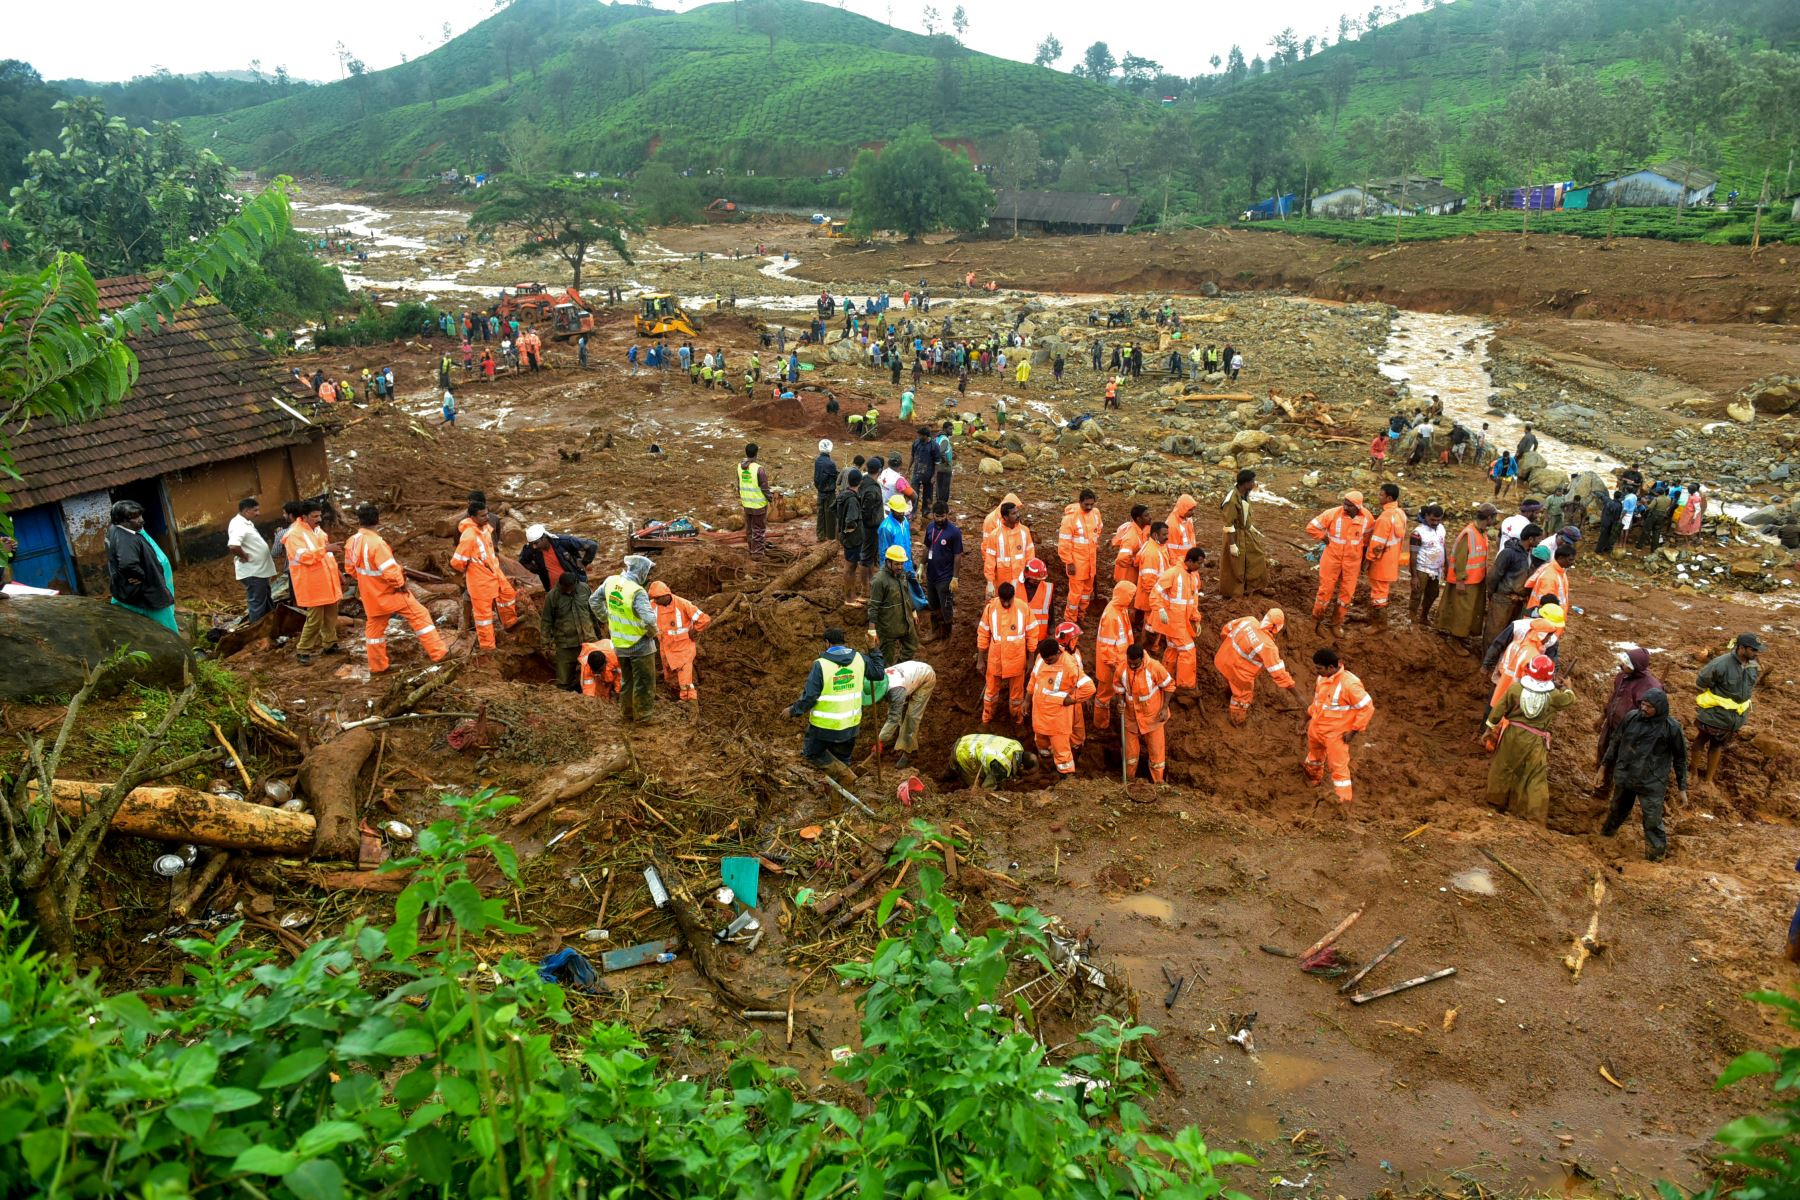 Voluntarios, residentes locales y miembros de la Fuerza Nacional de Respuesta a Desastres  buscan sobrevivientes en los escombros que dejó un deslizamiento de tierra en Puthumala, India. AFP